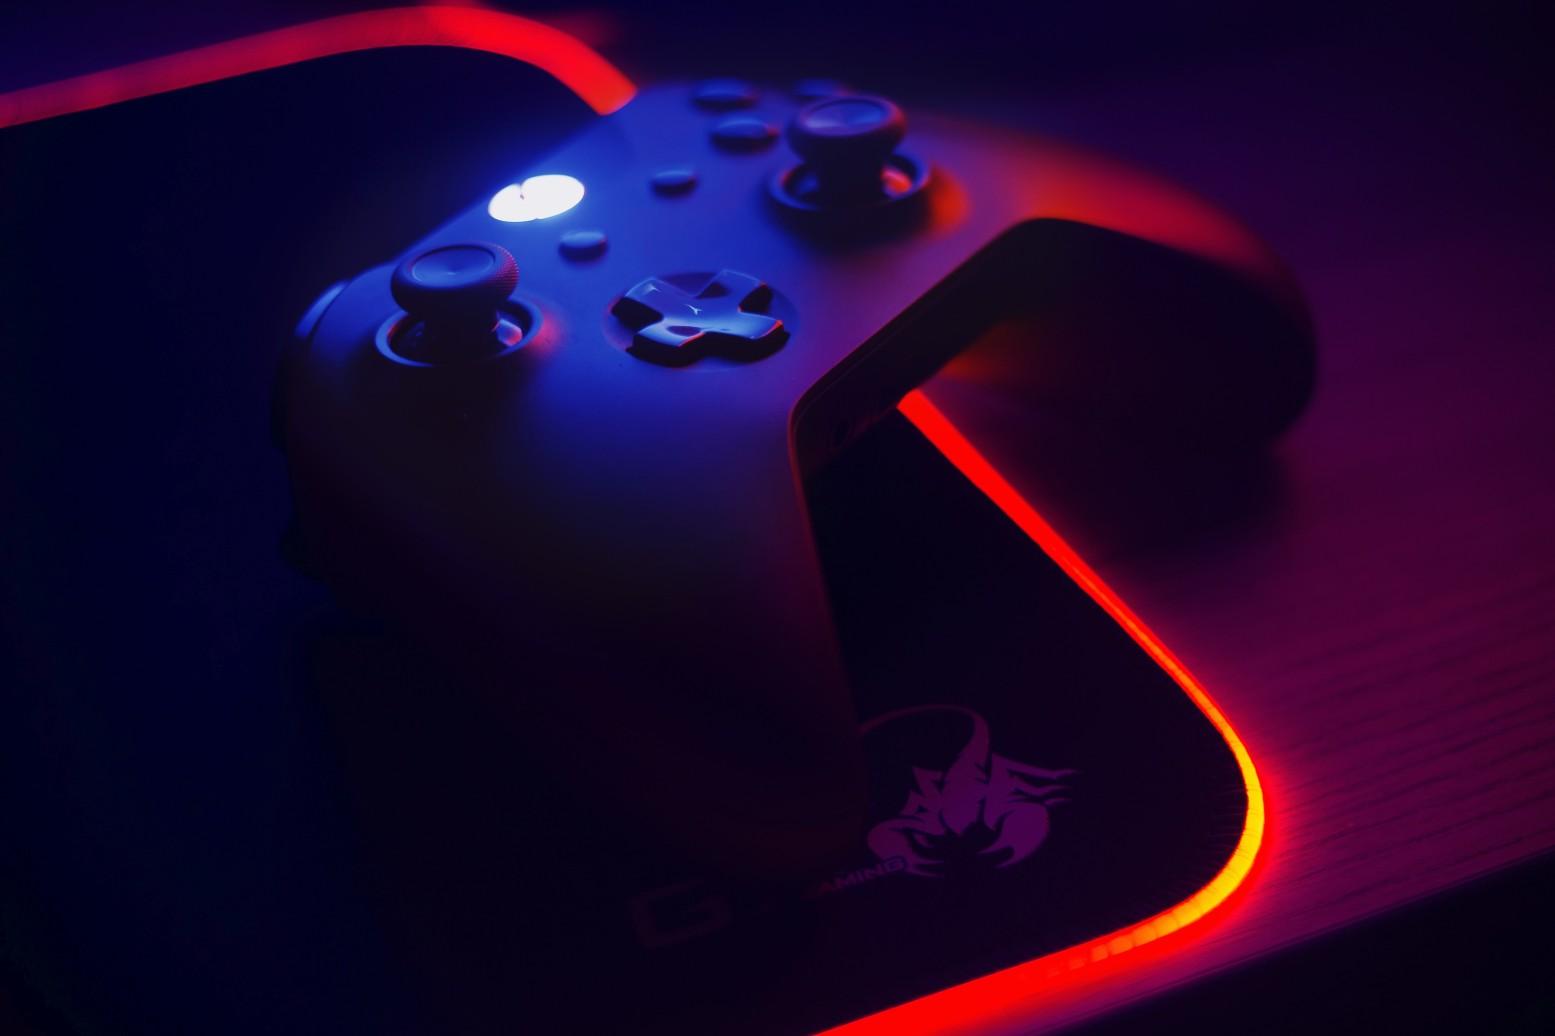 How Do Video Games Affect You Spiritually?